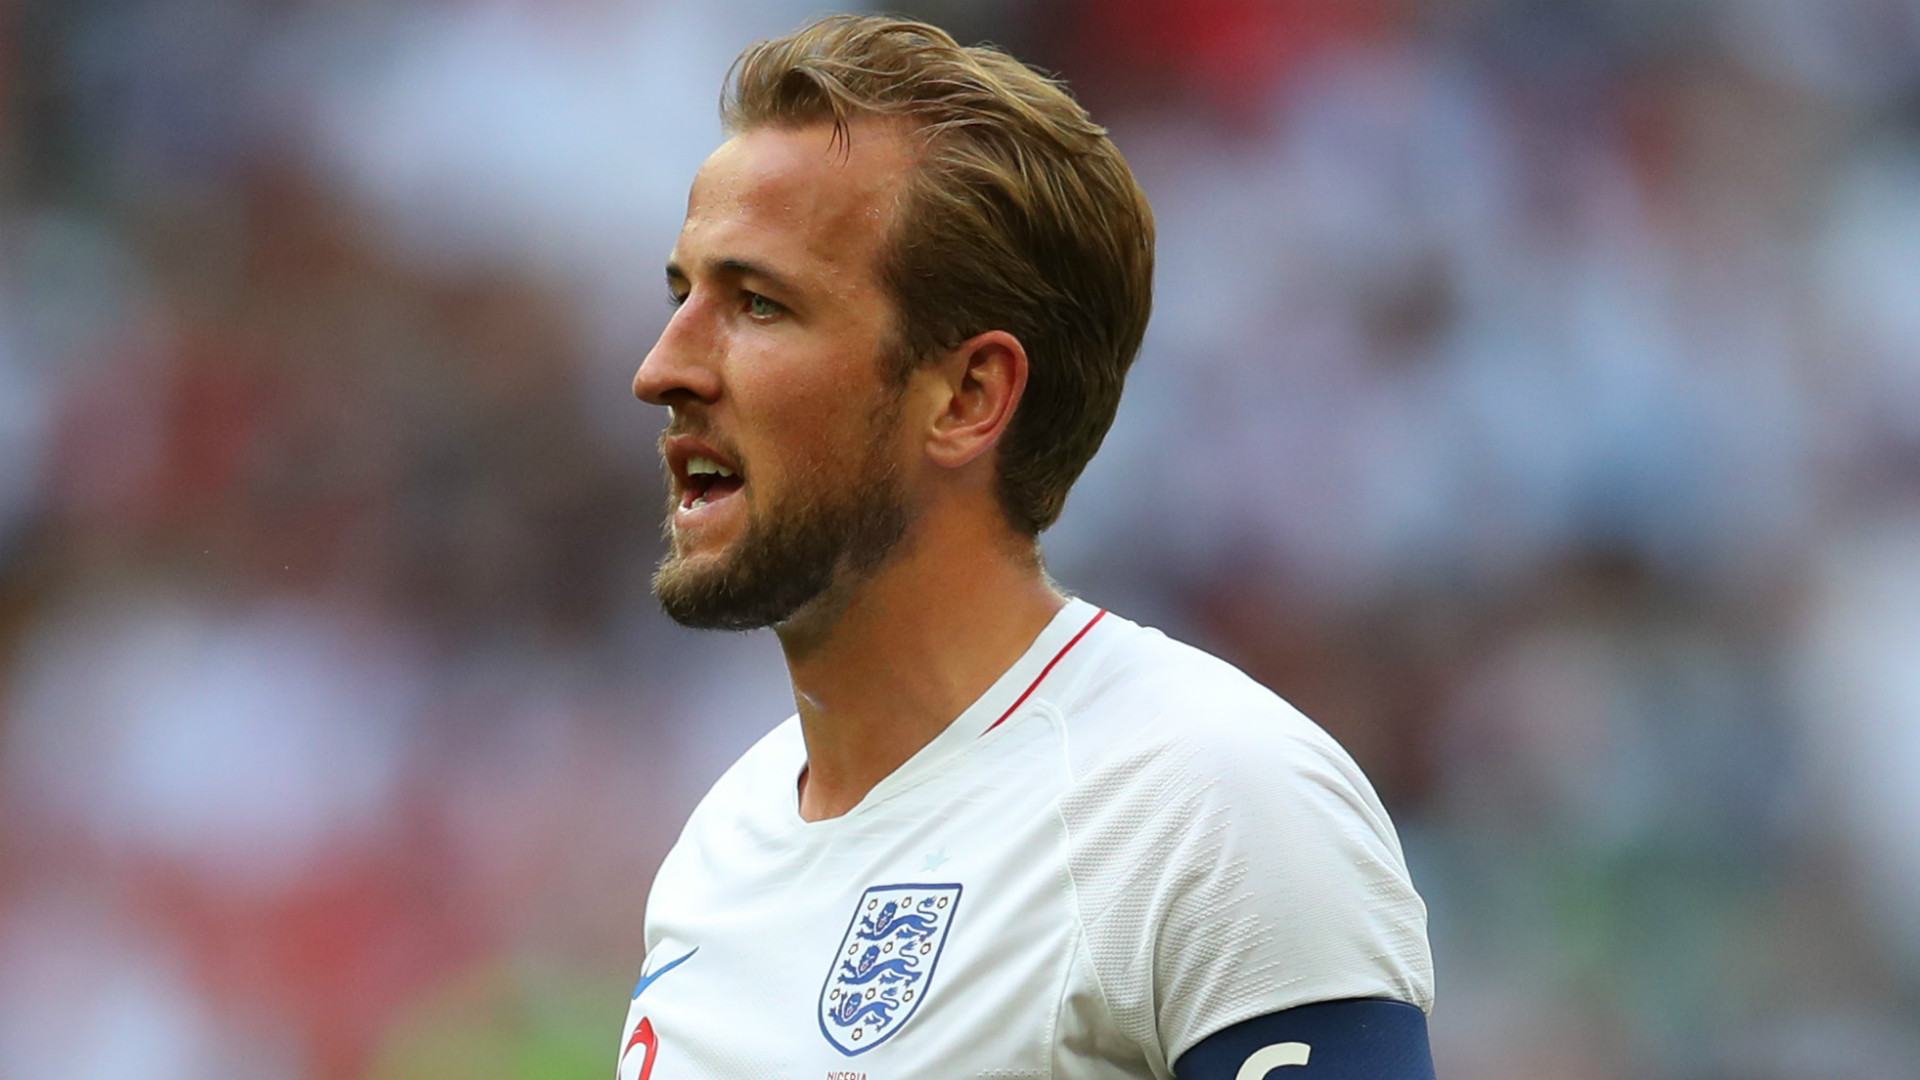 Harry Kane England 2018